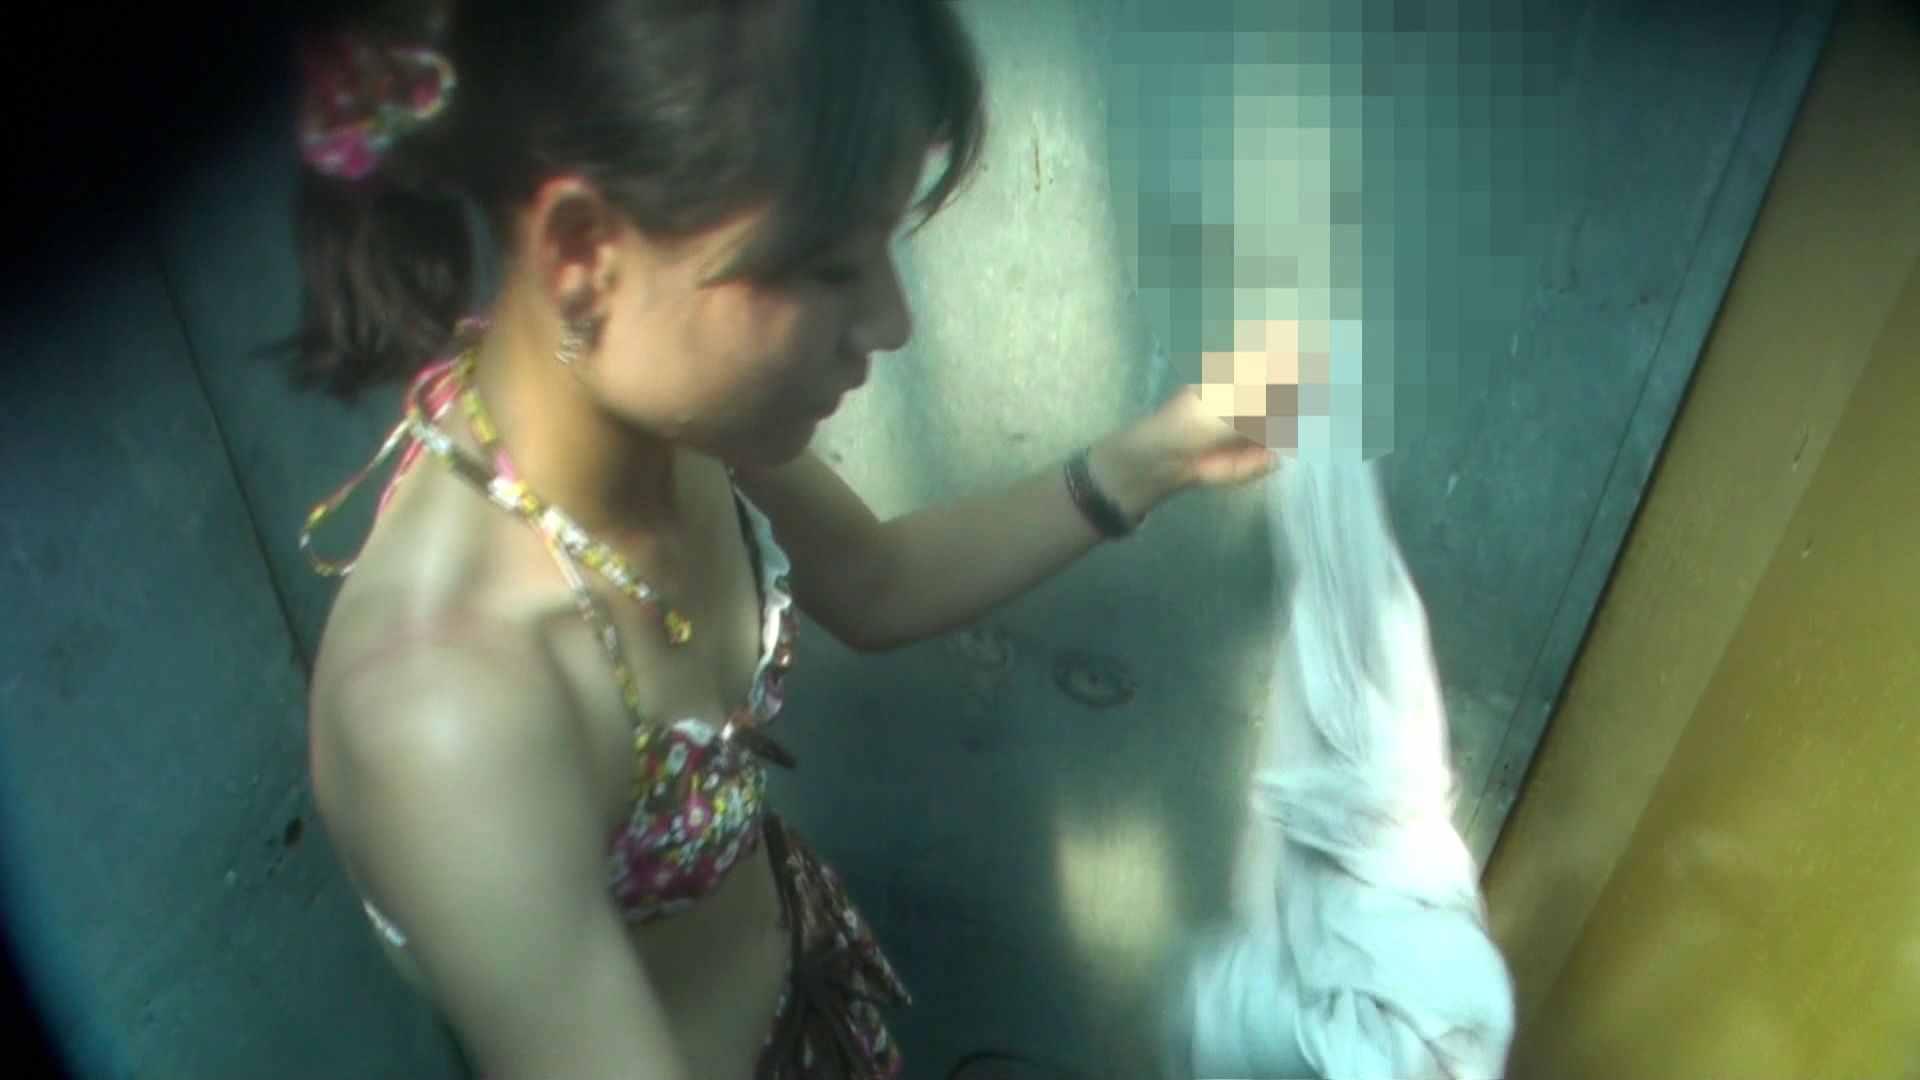 シャワールームは超!!危険な香りVol.16 意外に乳首は年増のそれ 高画質 覗きスケベ動画紹介 108画像 98